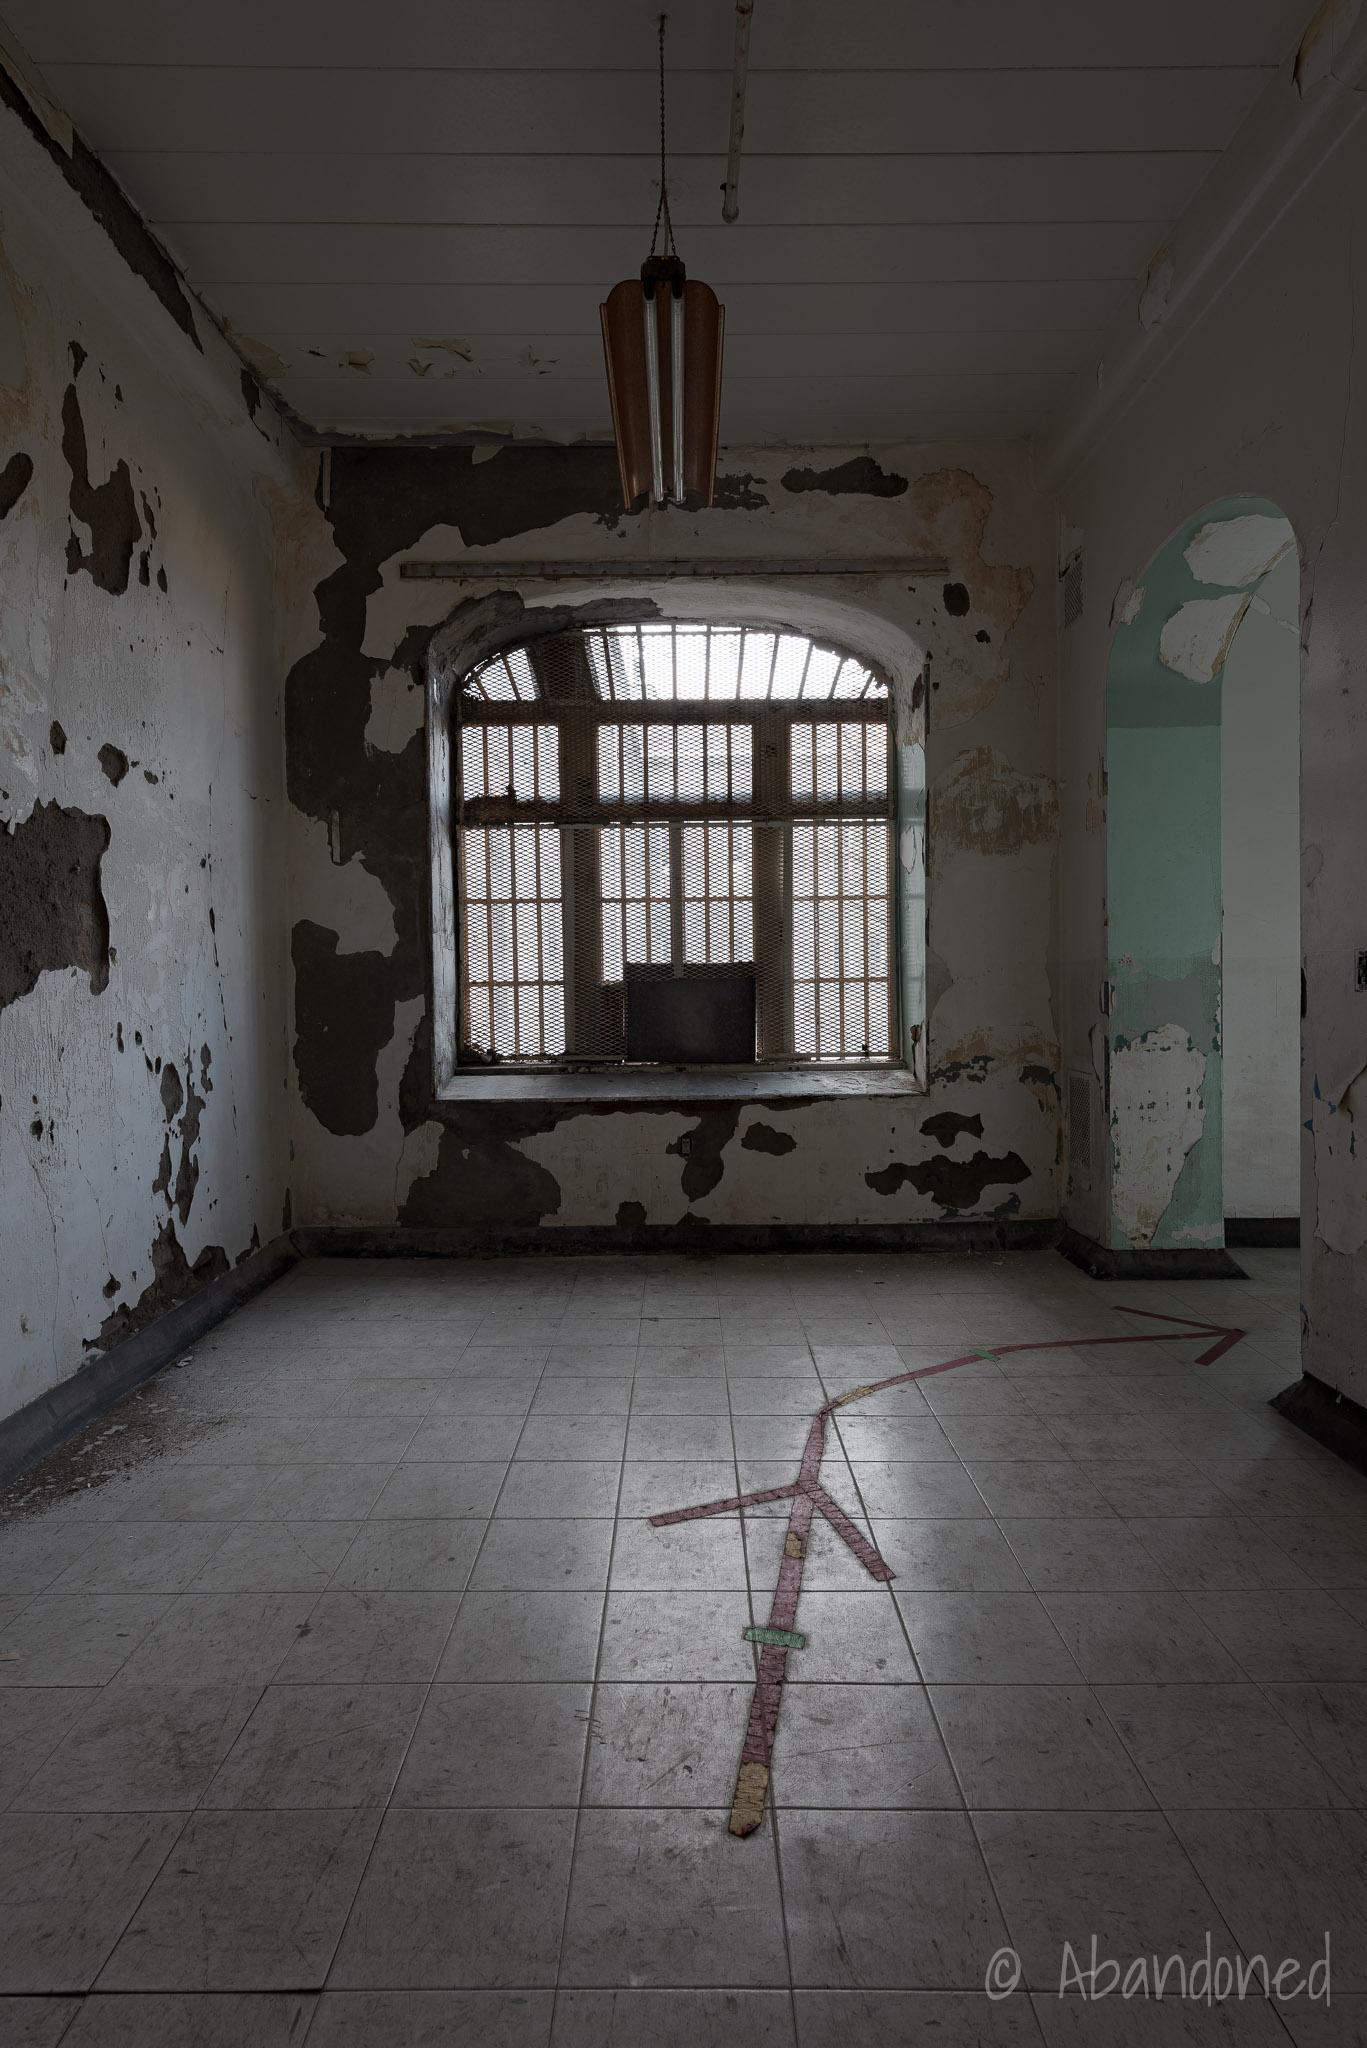 Trans-Allegheny Lunatic Asylum Ward Hallway with Large Window